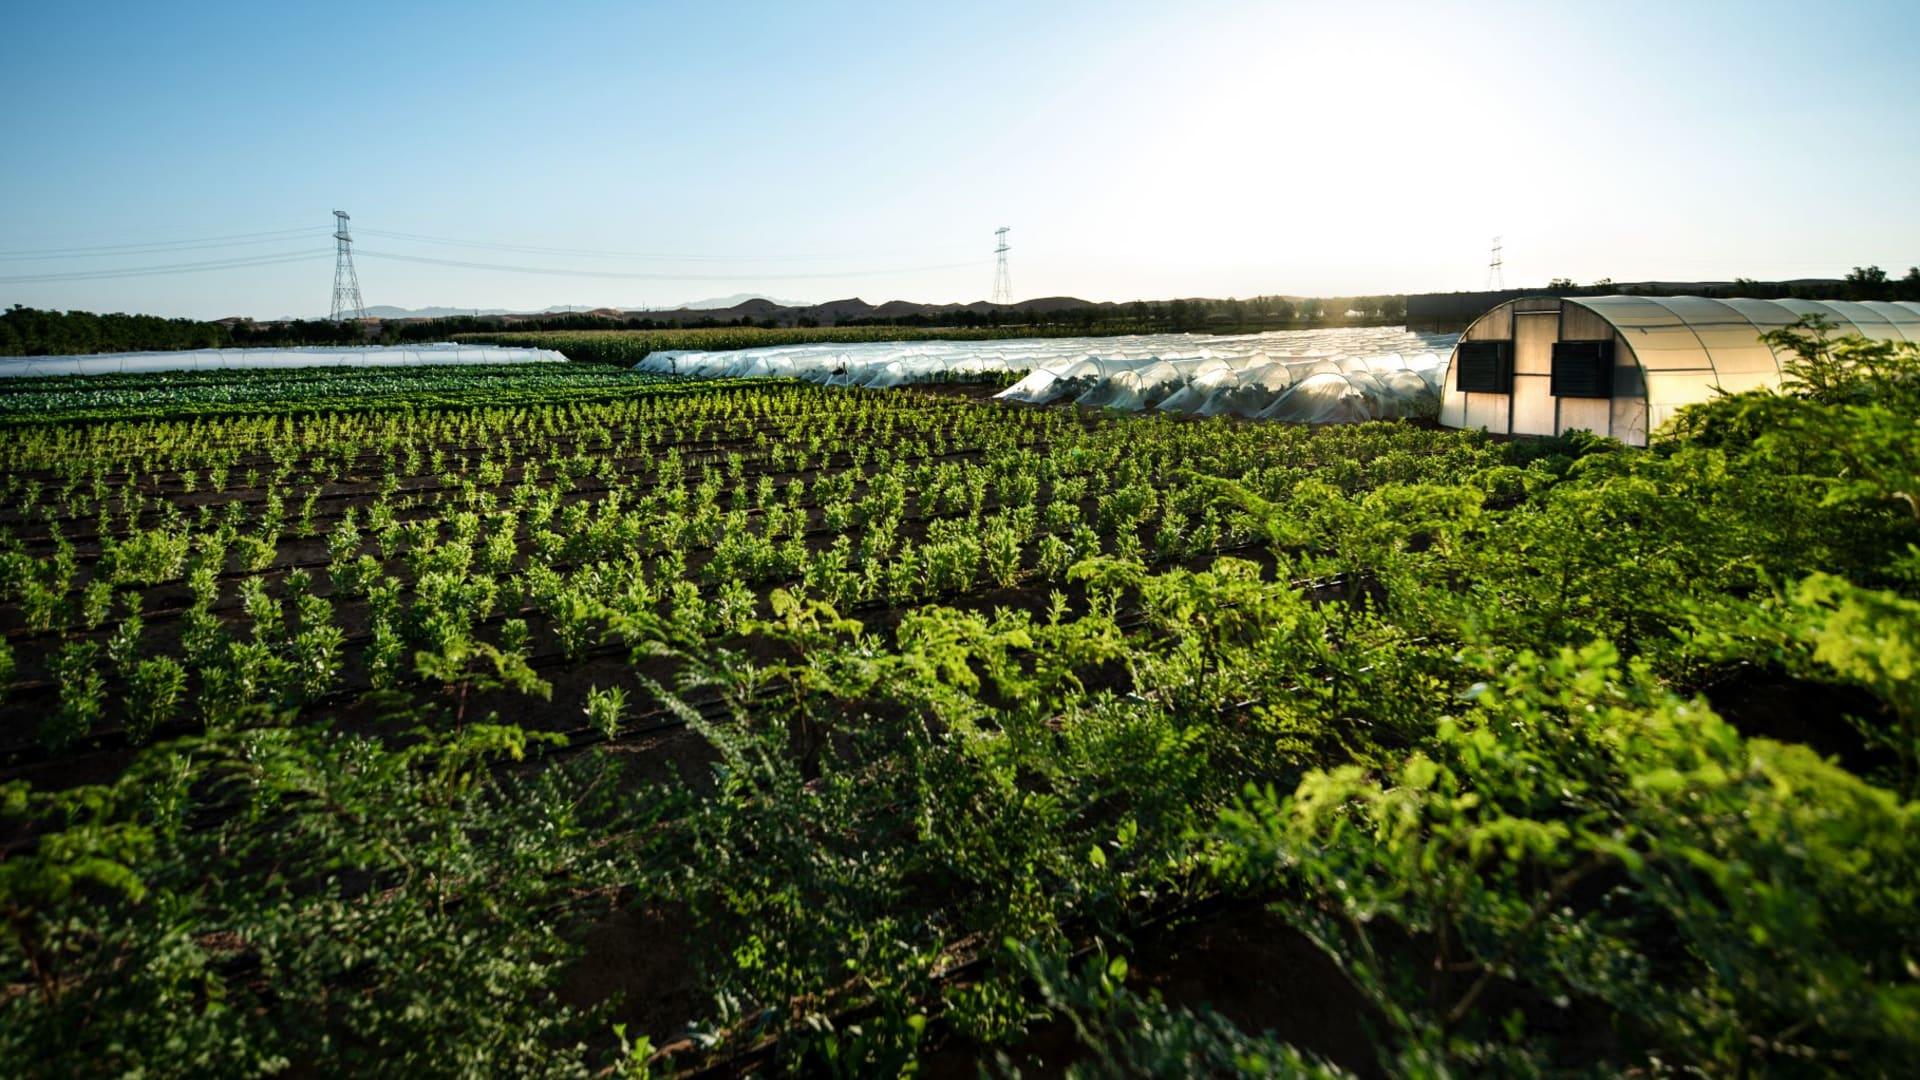 أكبر مزرعة عضوية بالإمارات تسنح لك فرصة أن تكون مزارع ليوم واحد